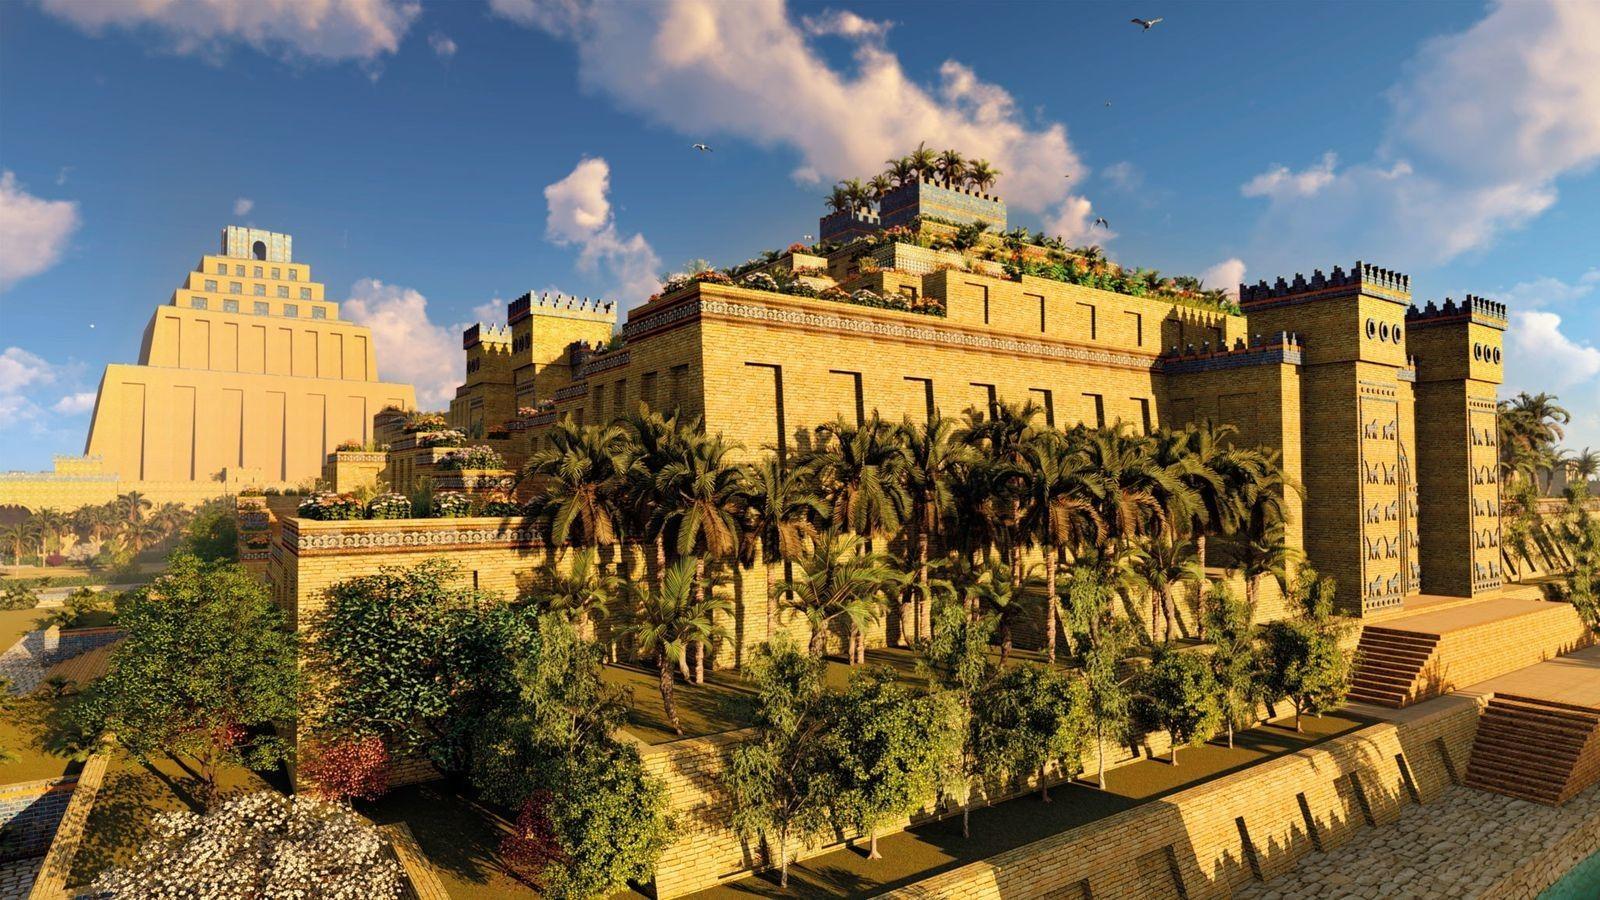 Les jardins suspendus de Babylone, la plus mystérieuse des sept merveilles du monde